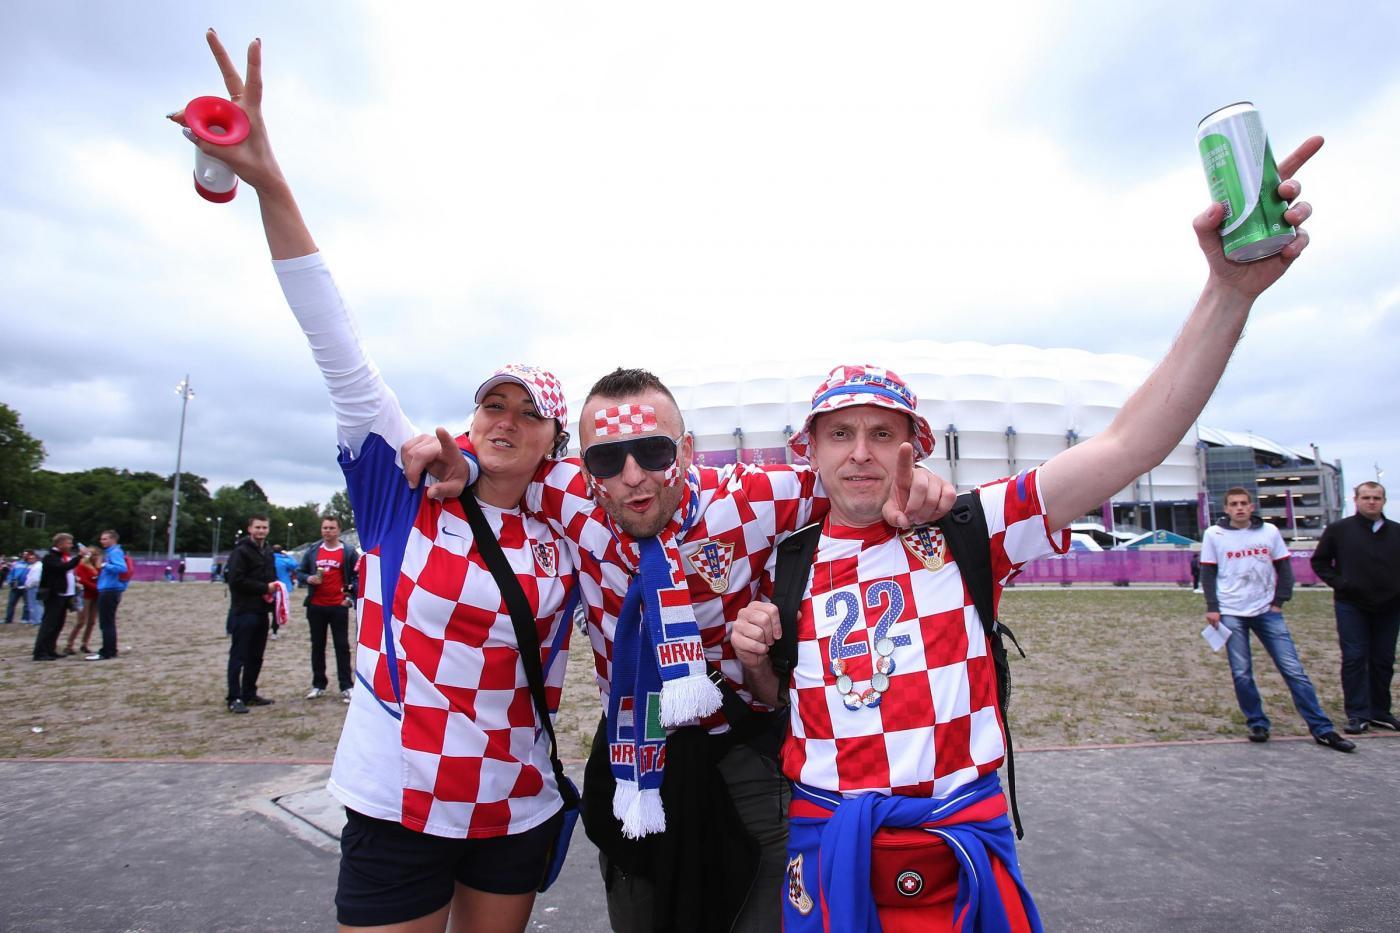 qualificazioni-europei-u21-croazia-u21-scozia-u21-pronostico-10-settembre